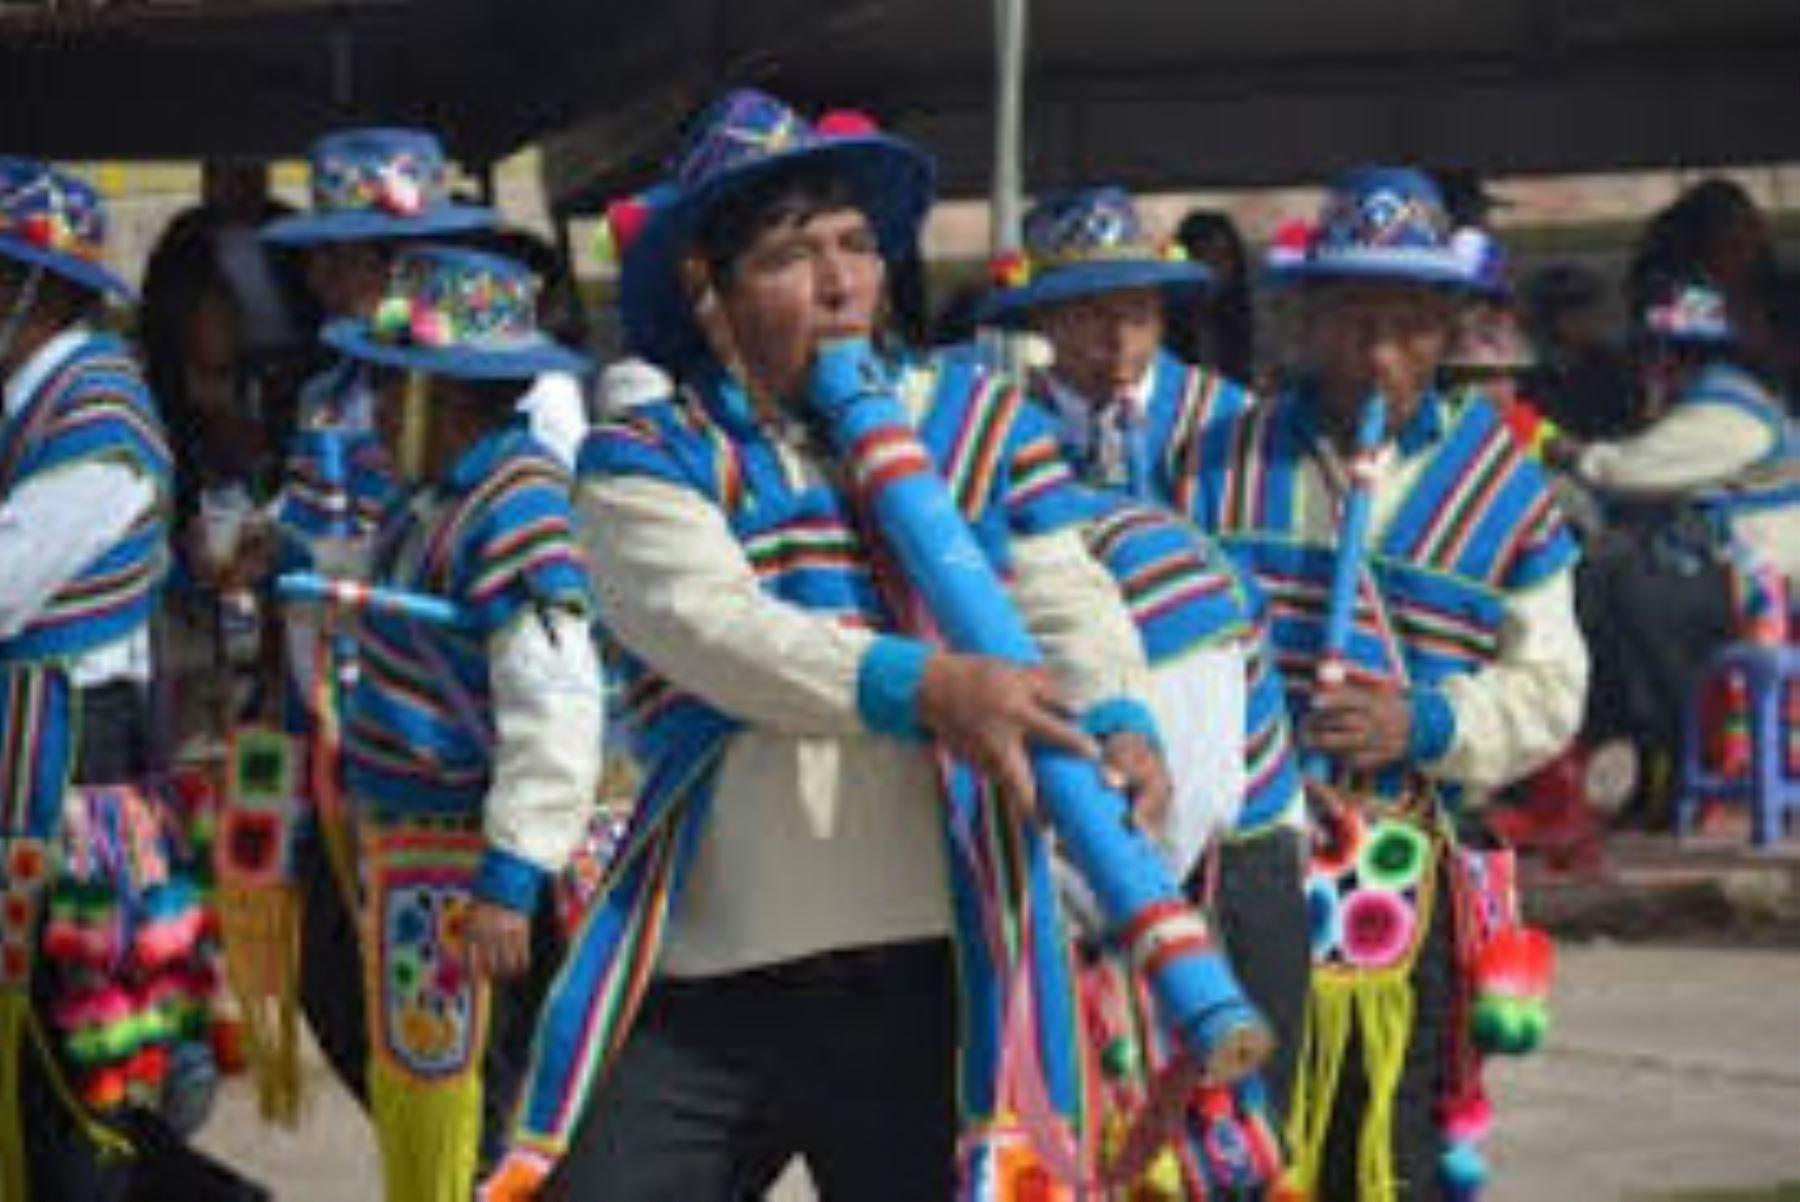 Con una mezcla de fervor religioso y algarabía costumbrista, las poblaciones de Cusco y Juliaca se alistan para celebrar, el próximo 20 de enero, la festividad en honor de San Sebastián, ANDINA/Difusión